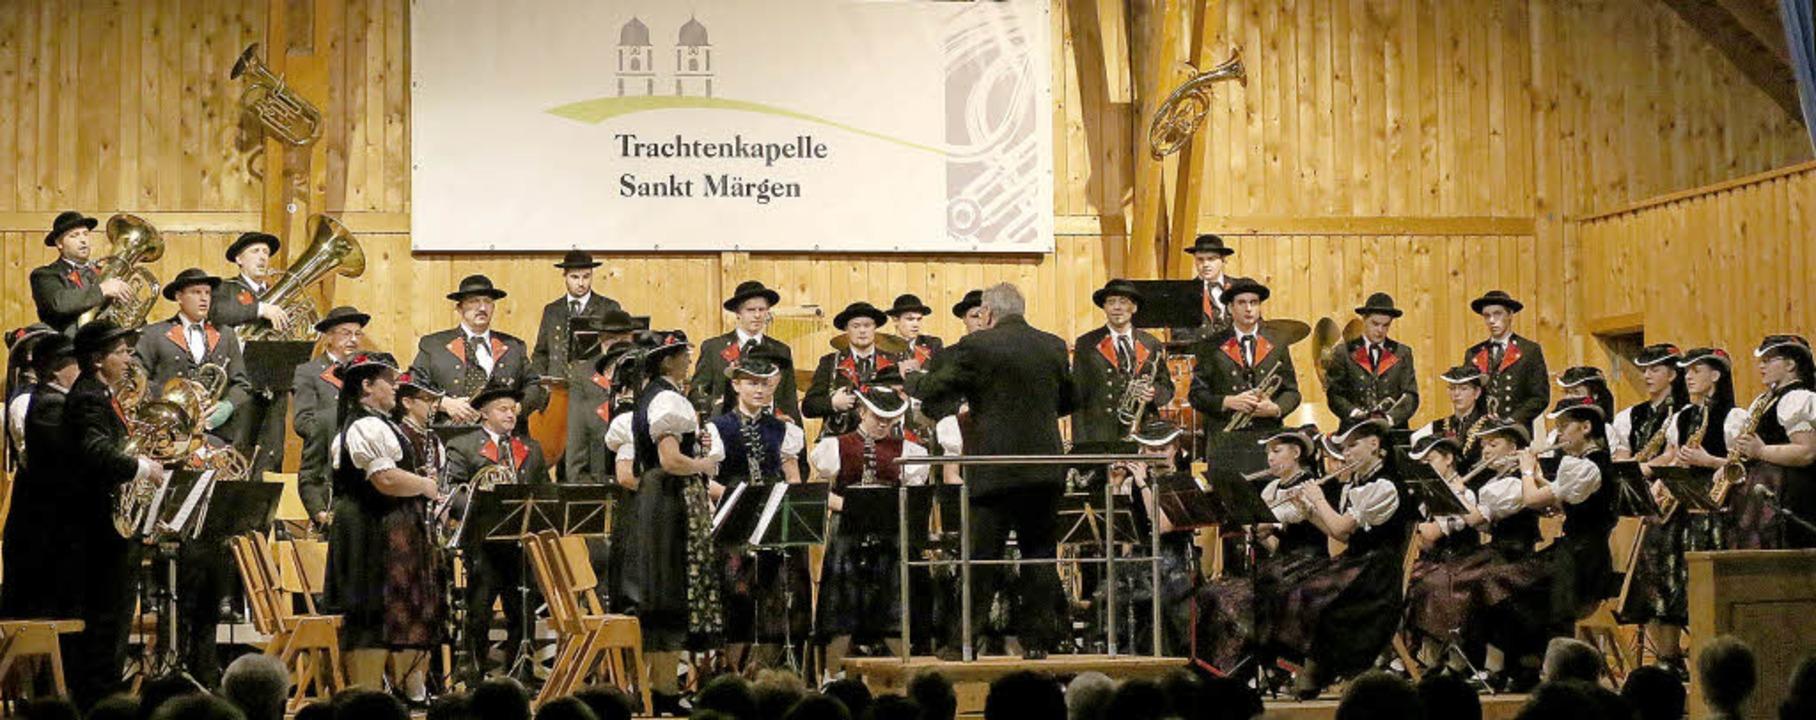 Eine Zeitreise bot die Trachtenkapelle...esuchern bei ihrem Weihnachtskonzert.   | Foto: Heinrich Fehrenbach